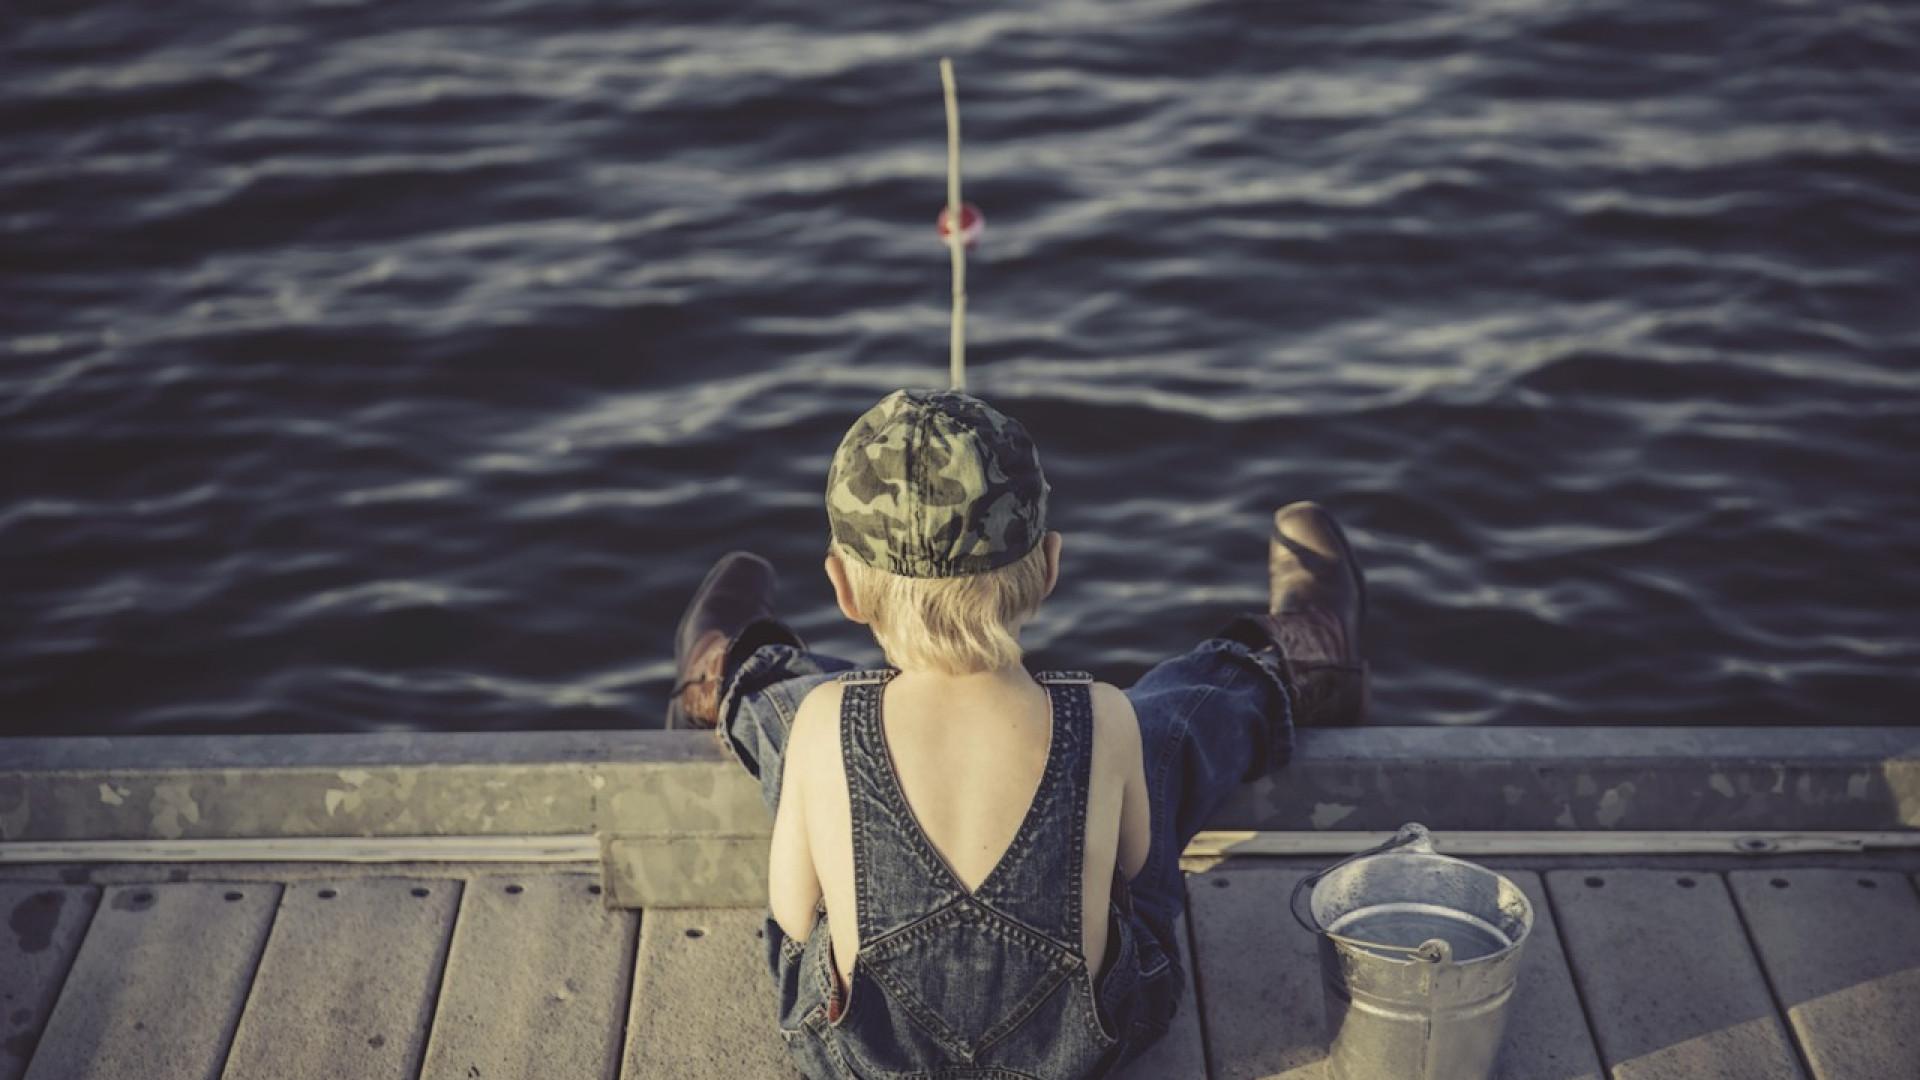 Comment bien organiser son weekend à la pêche ?